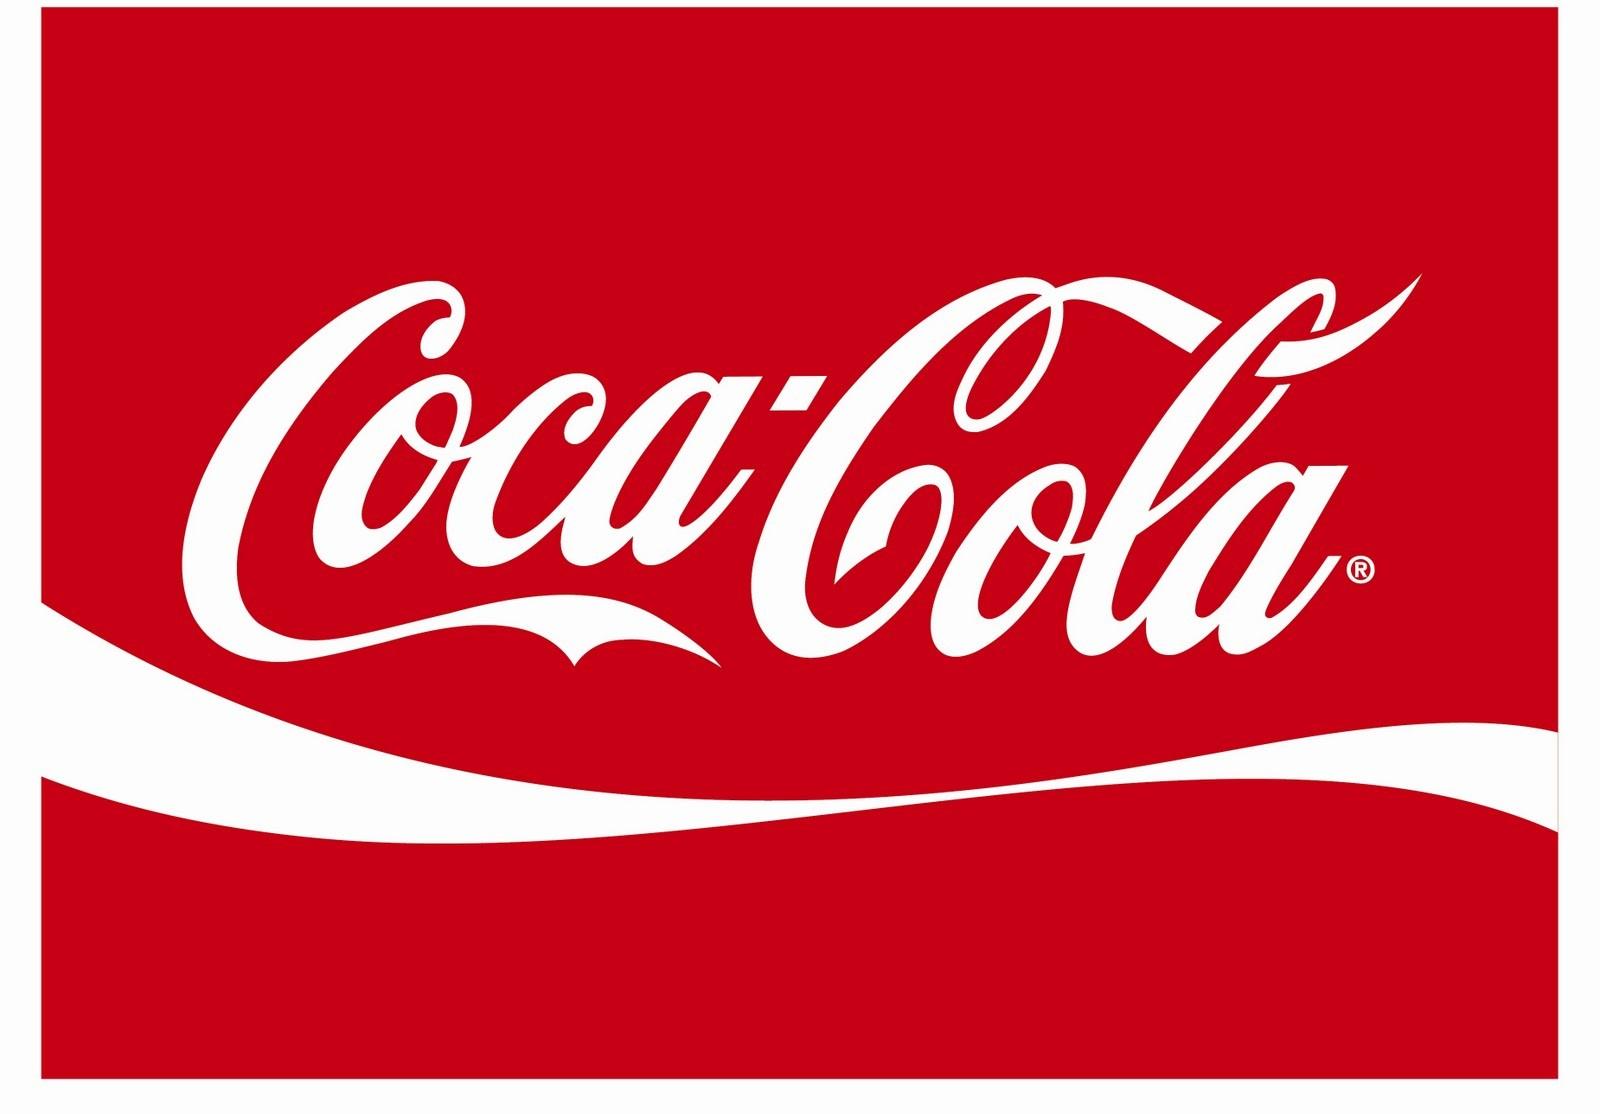 chọn lựa kiểu chữ trong logo